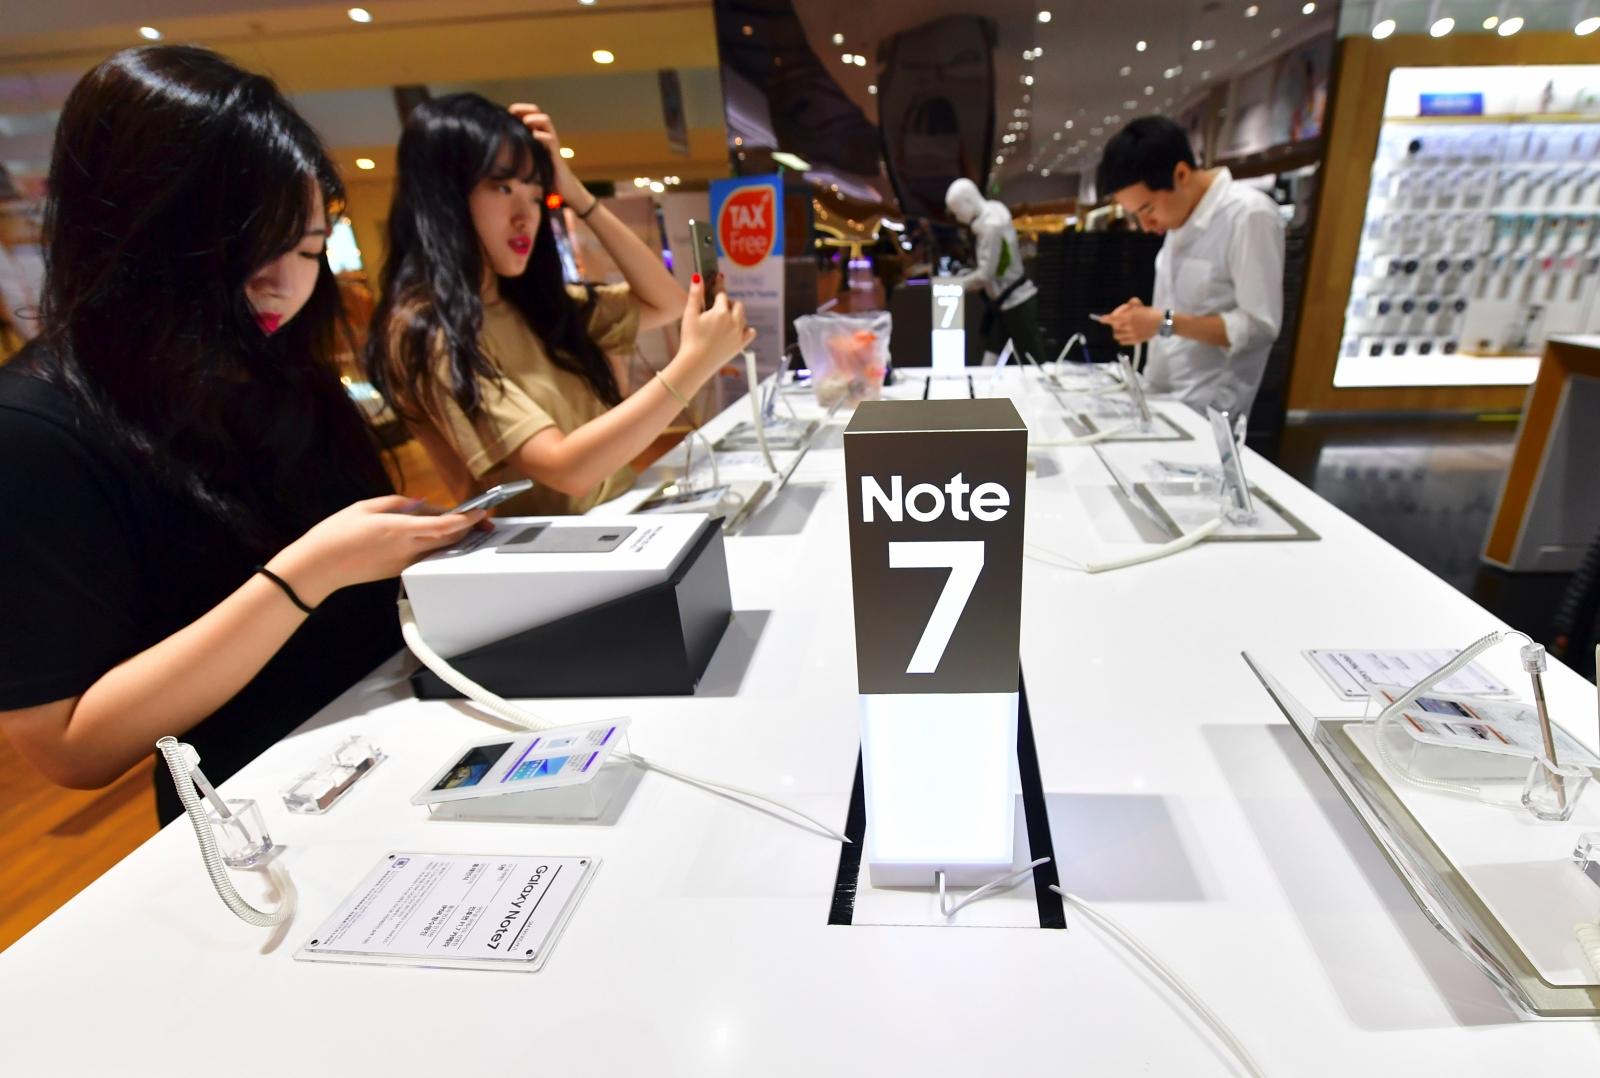 Galaxy Note 7 sales in South Korea